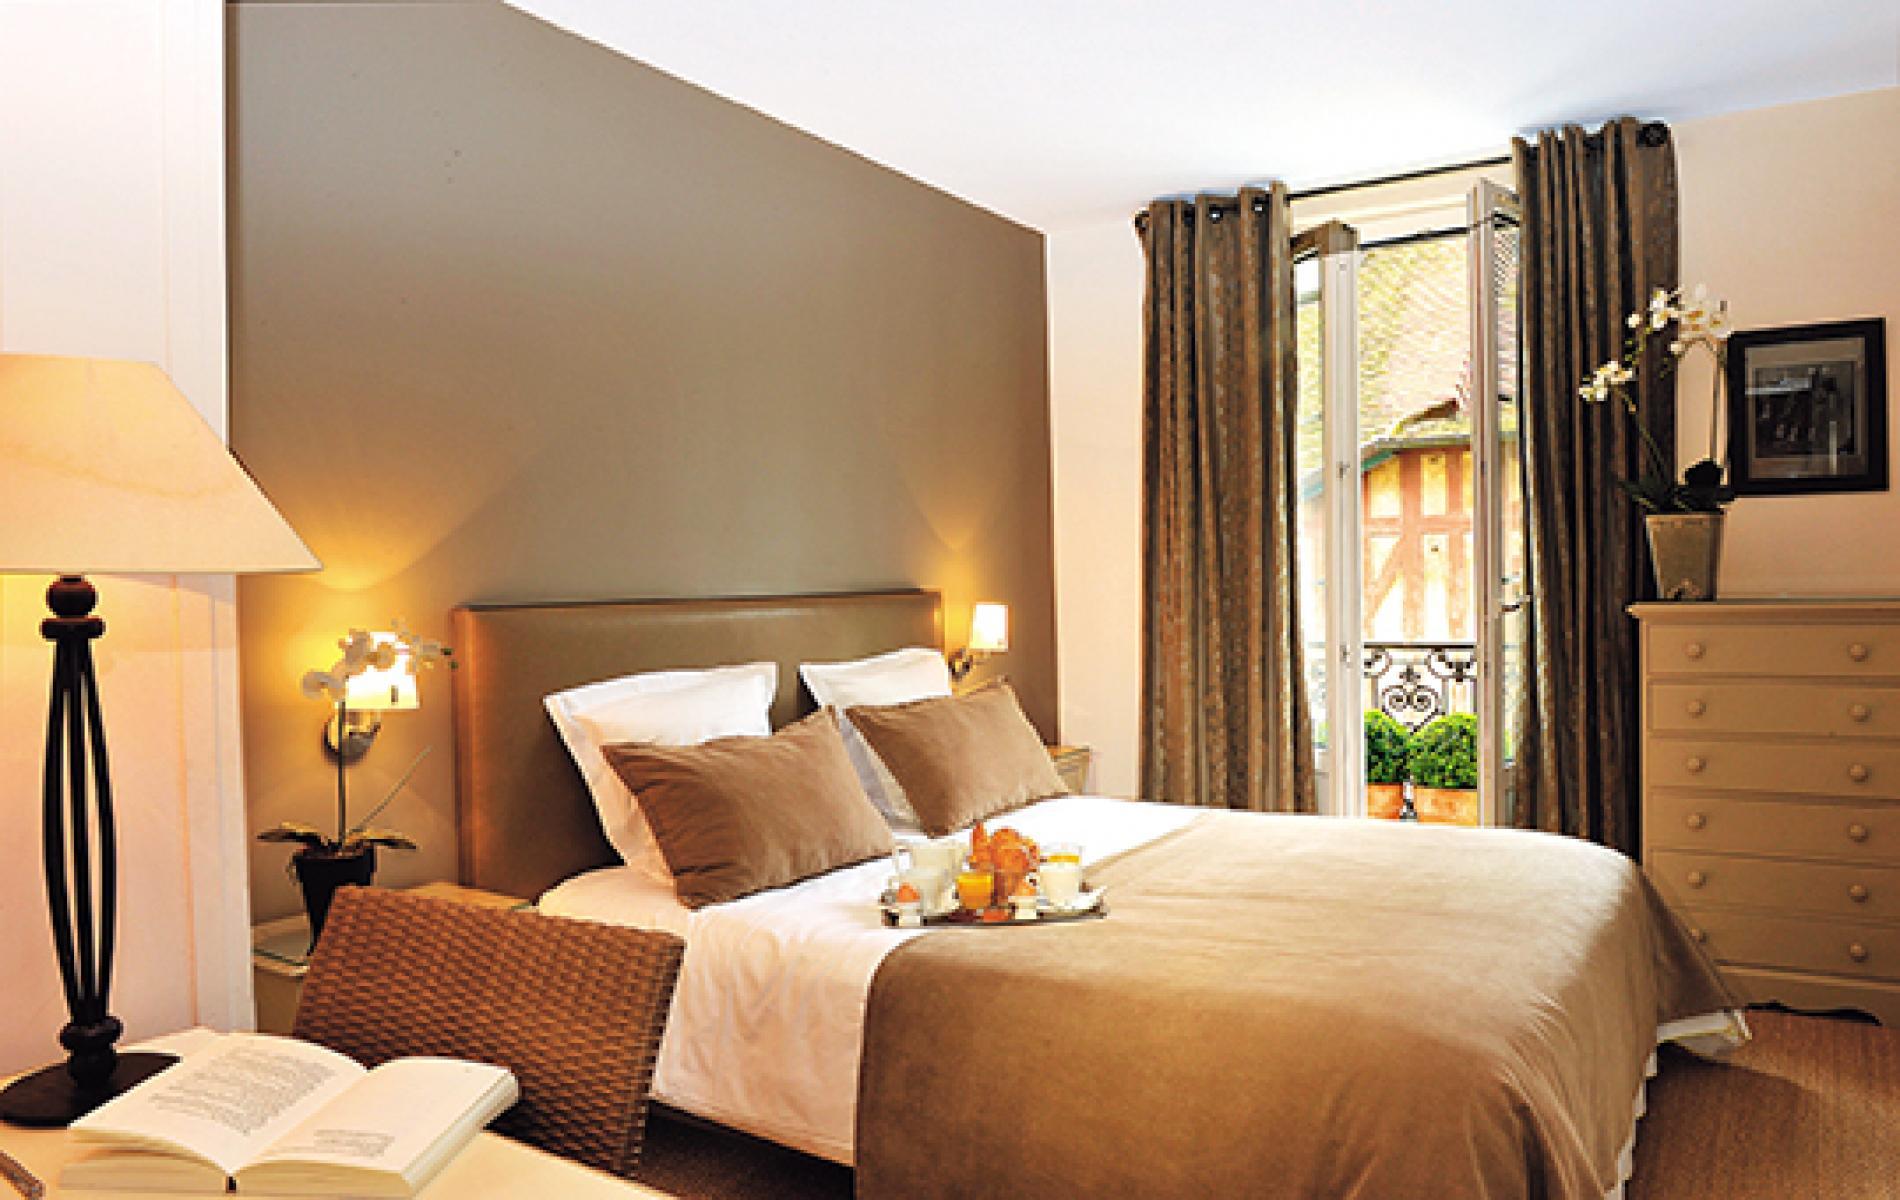 le fer cheval hotel trouville h tel 3 toiles trouville pr s de deauville en normandie. Black Bedroom Furniture Sets. Home Design Ideas